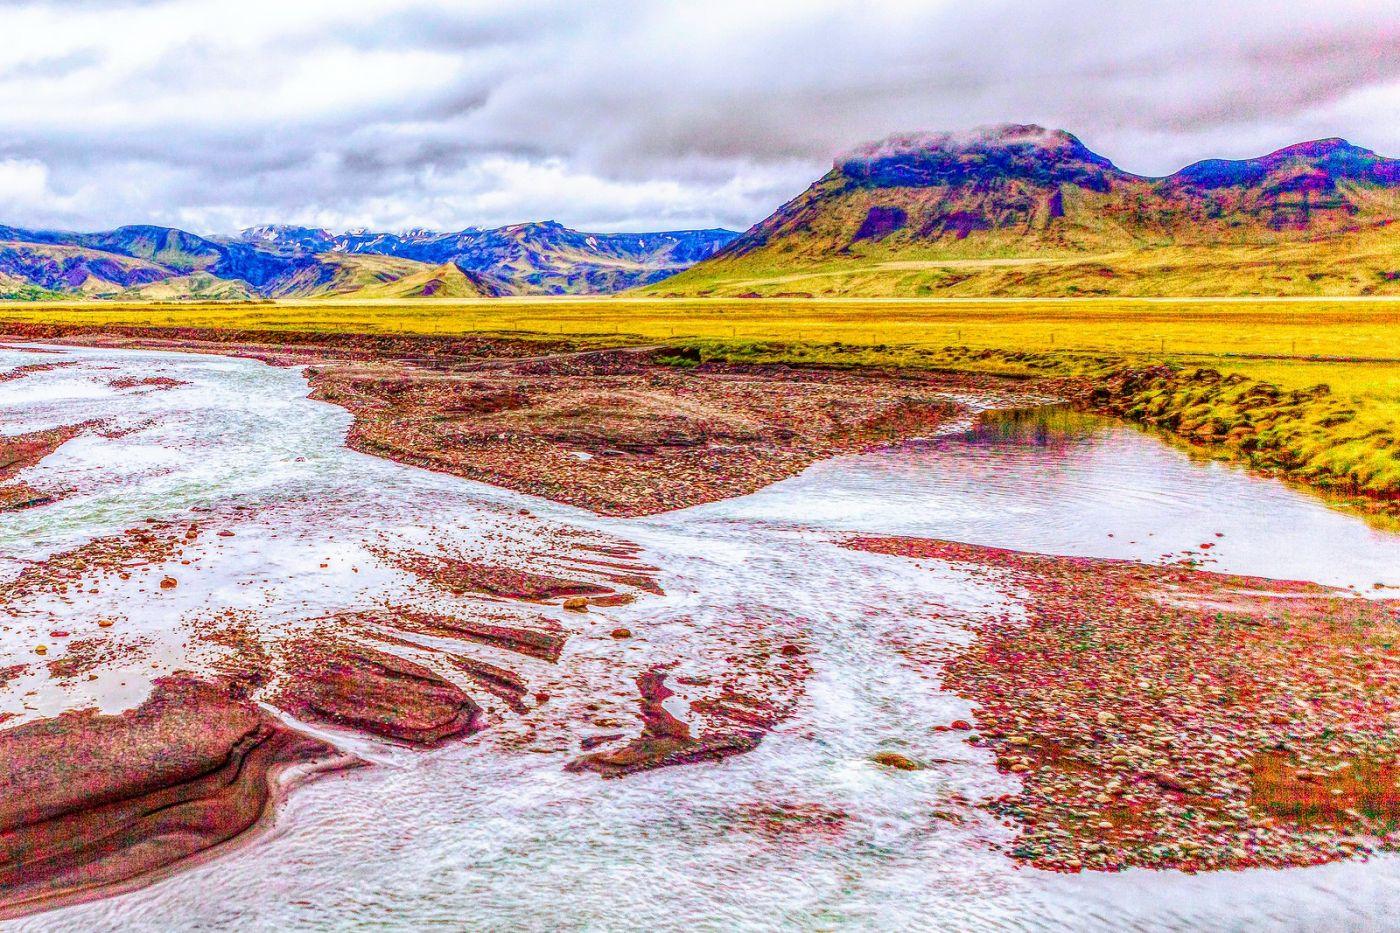 冰岛风采,延伸视野_图1-38